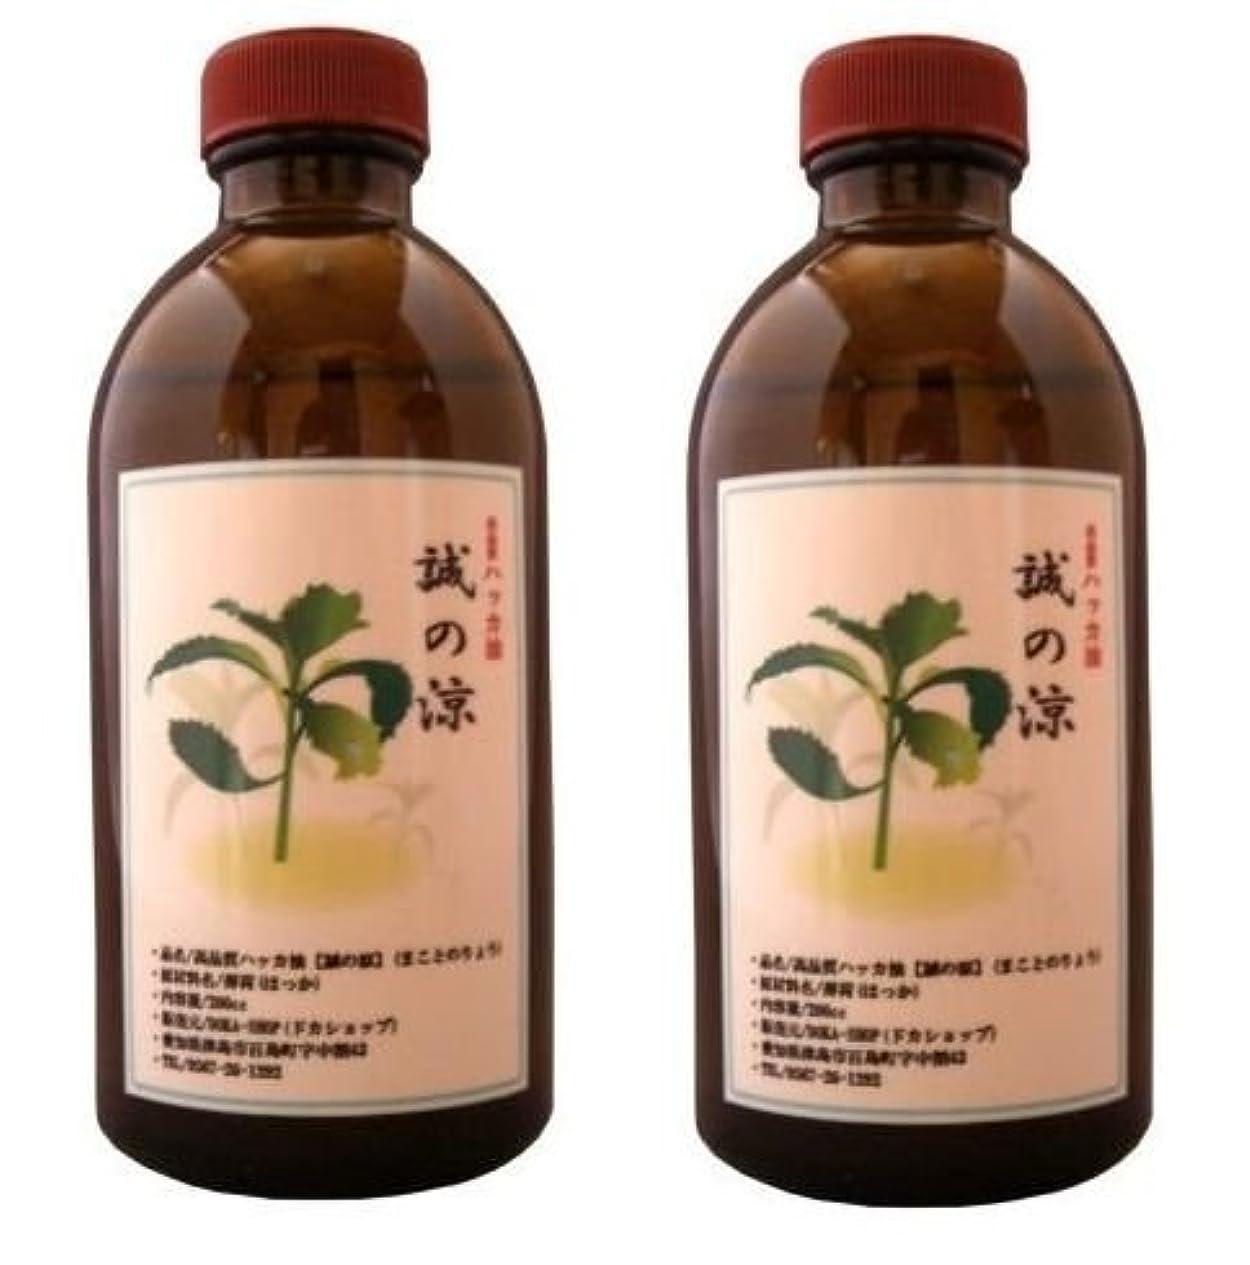 環境に優しいレイオーストラリアDOKA-SHOP 高品質ハッカ精油100%【誠の涼(まことのりょう)】日本国内加工精製 たっぷり使えてバツグンの爽快感 200cc×2本セット